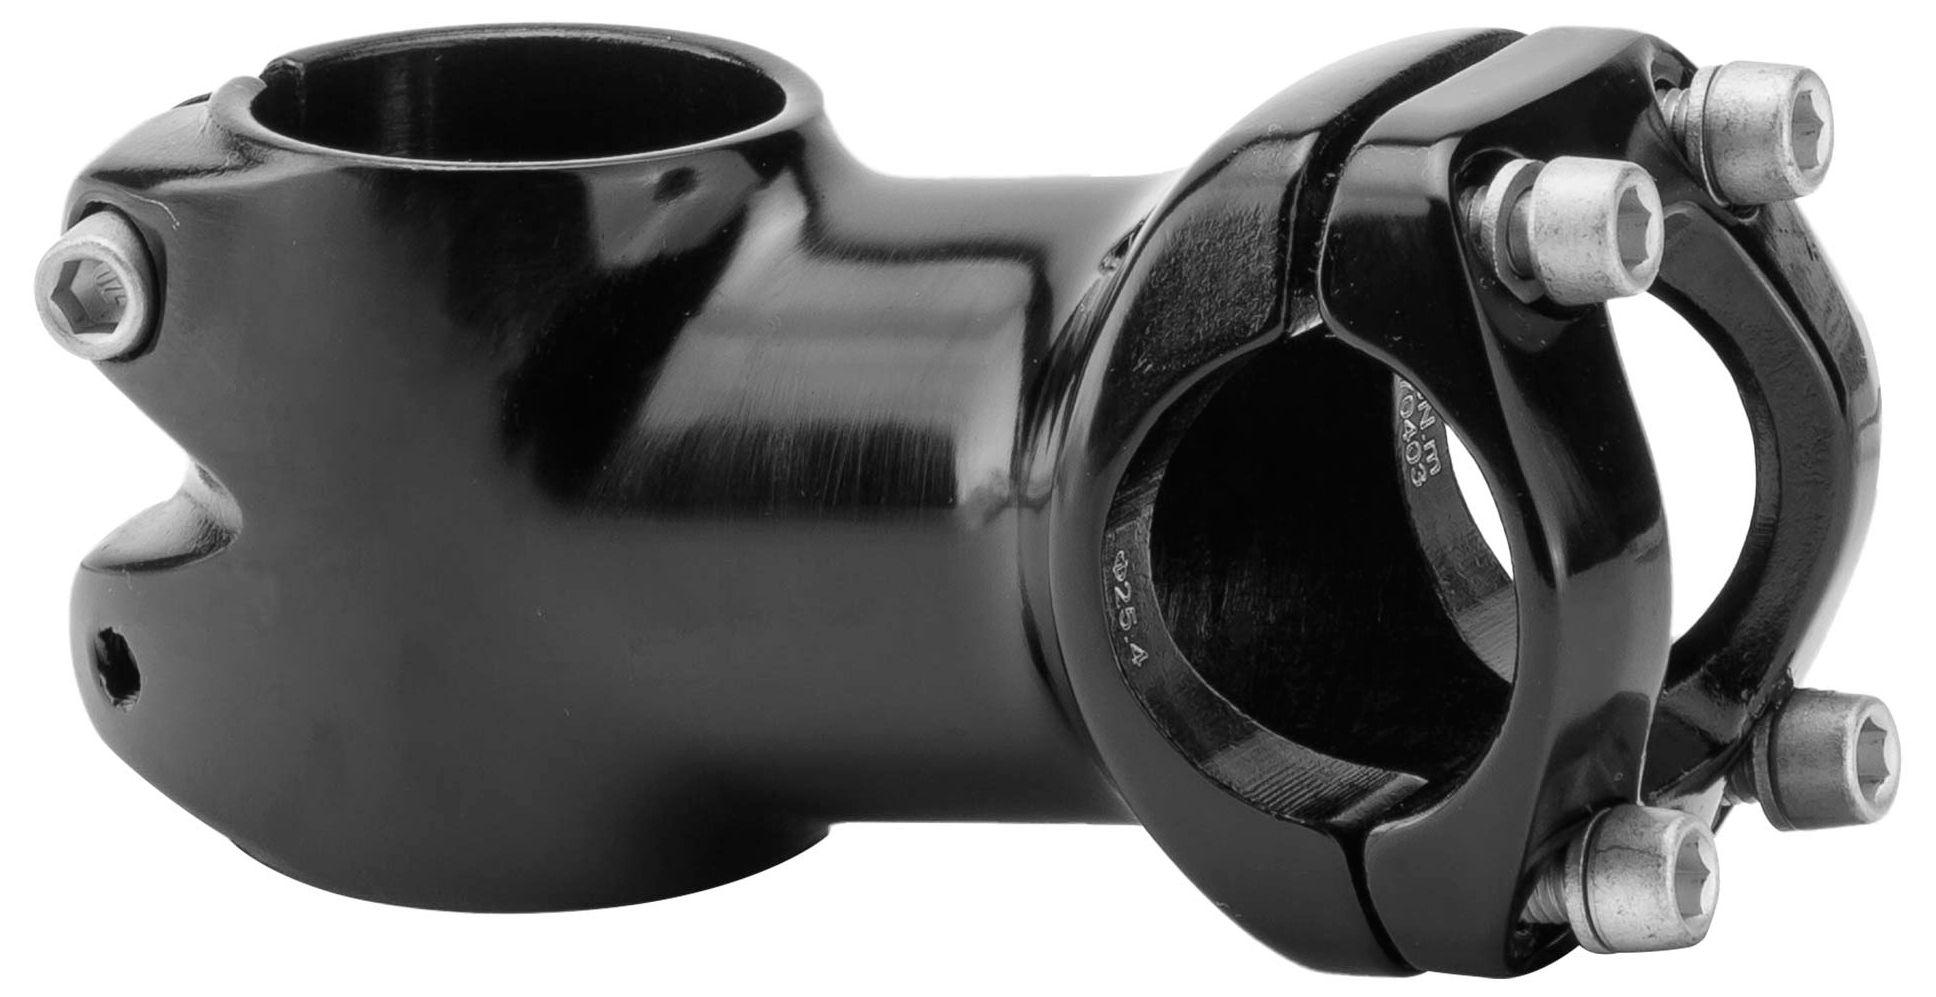 Запчасть Stels SM-M003 SM-M003 1-1/8 х 60 мм х 25,4 мм,  рули и выносы  - артикул:284562